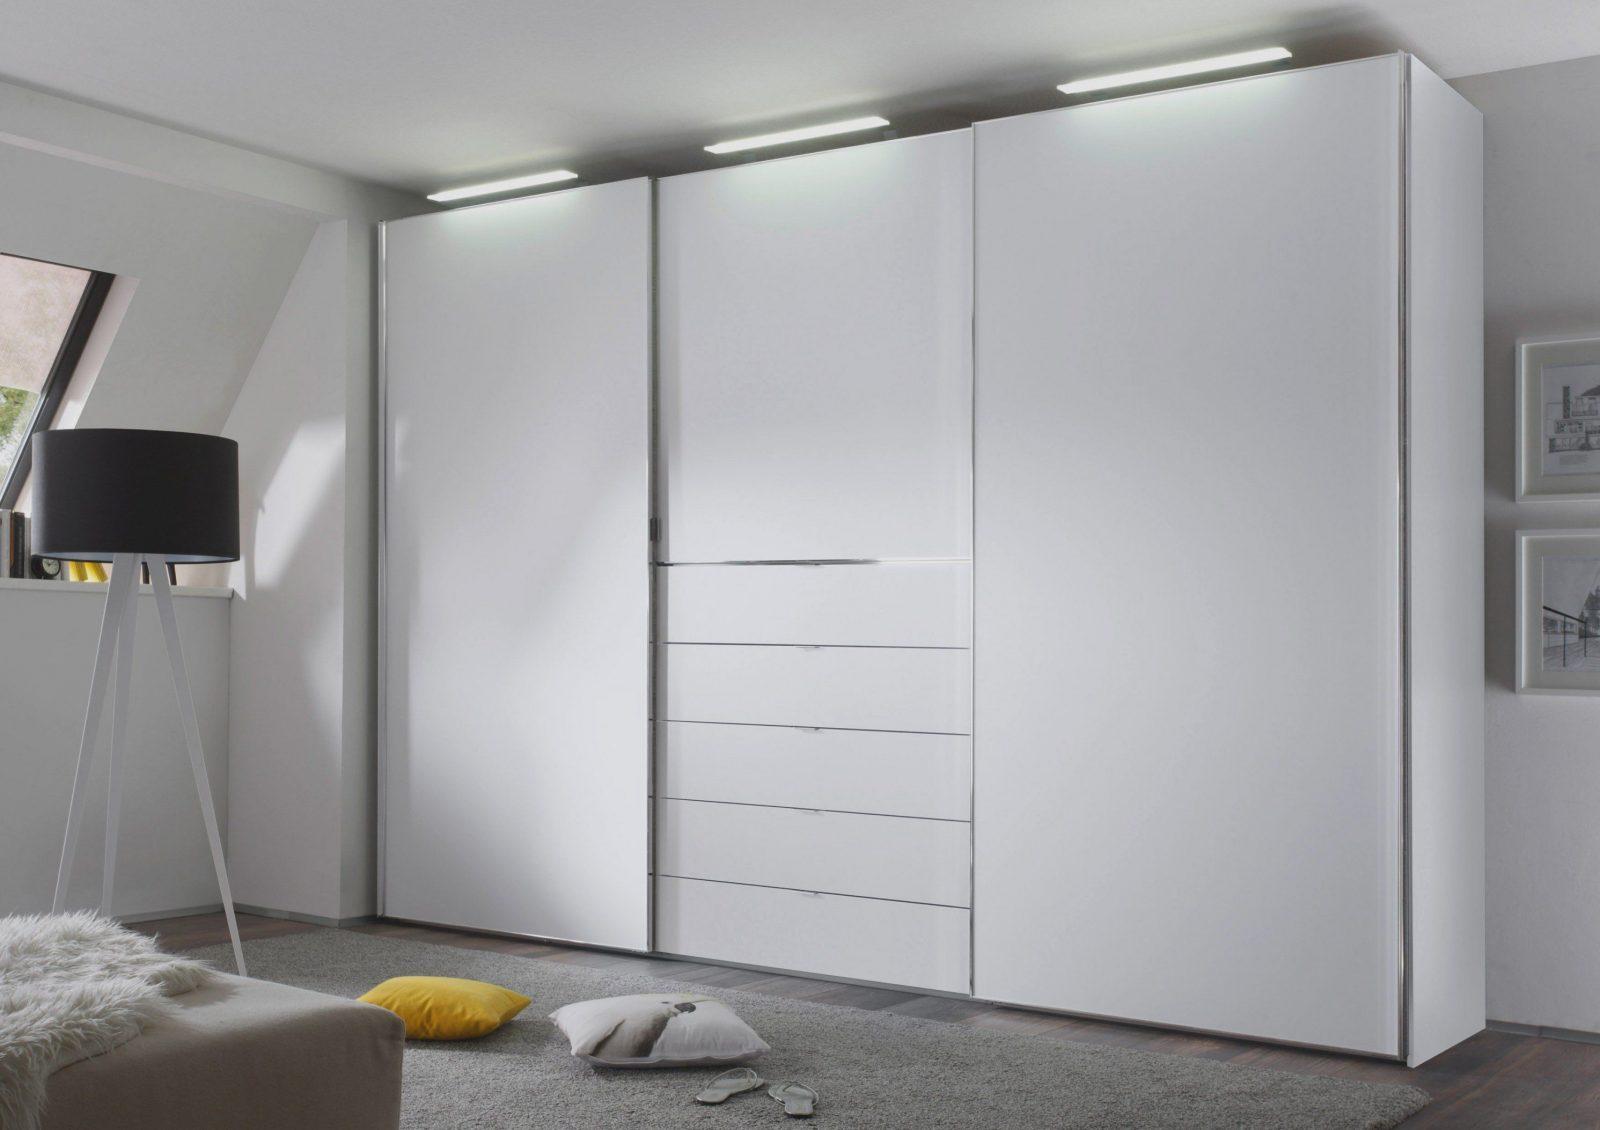 Staud Media Light Kleiderschrank Weiß  Möbel Letz  Ihr Onlineshop von Kleiderschrank Mit Tv Fach Photo